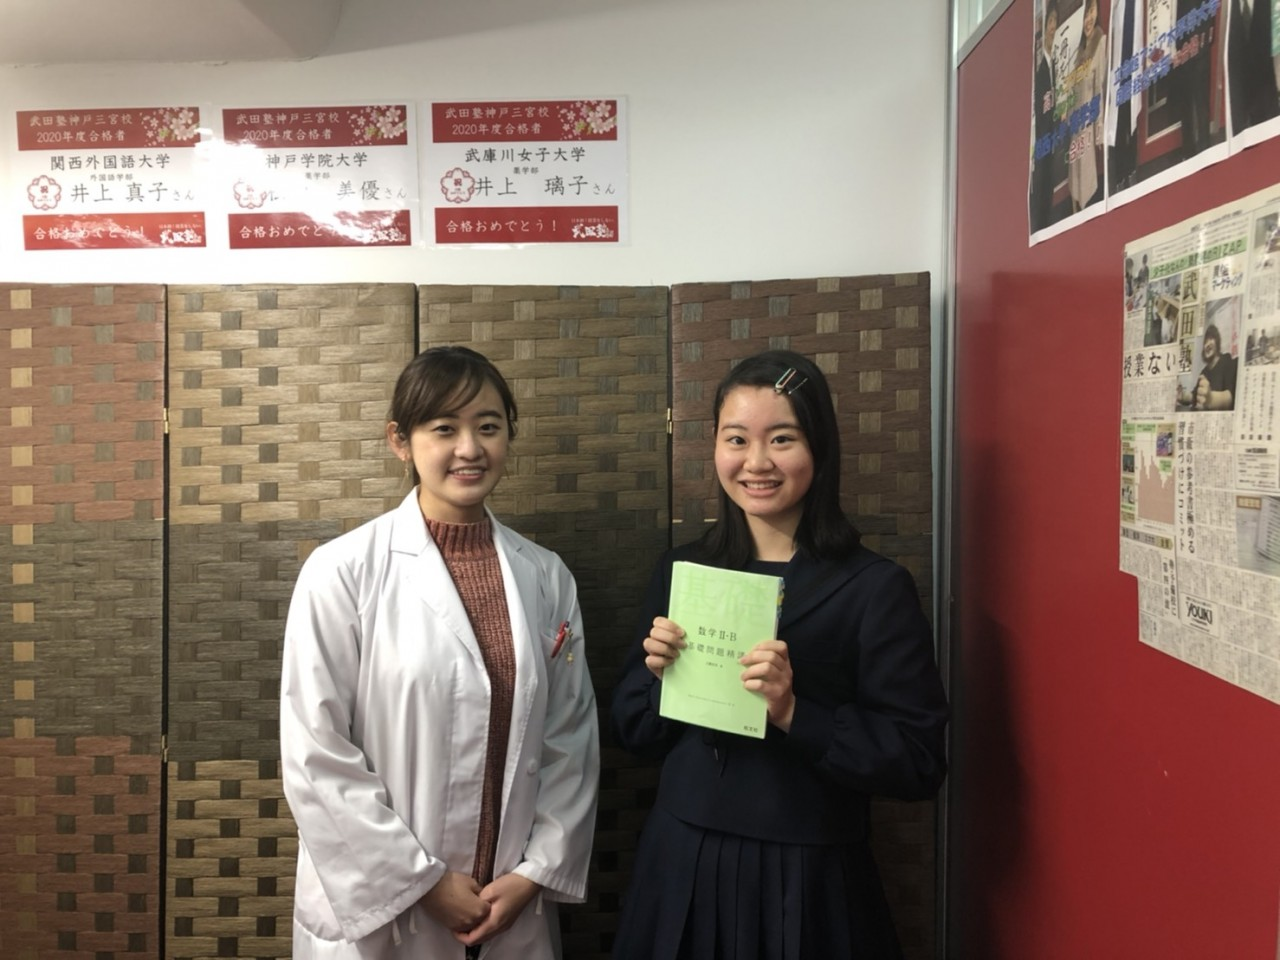 武田塾 神戸三宮校 大阪音楽大学